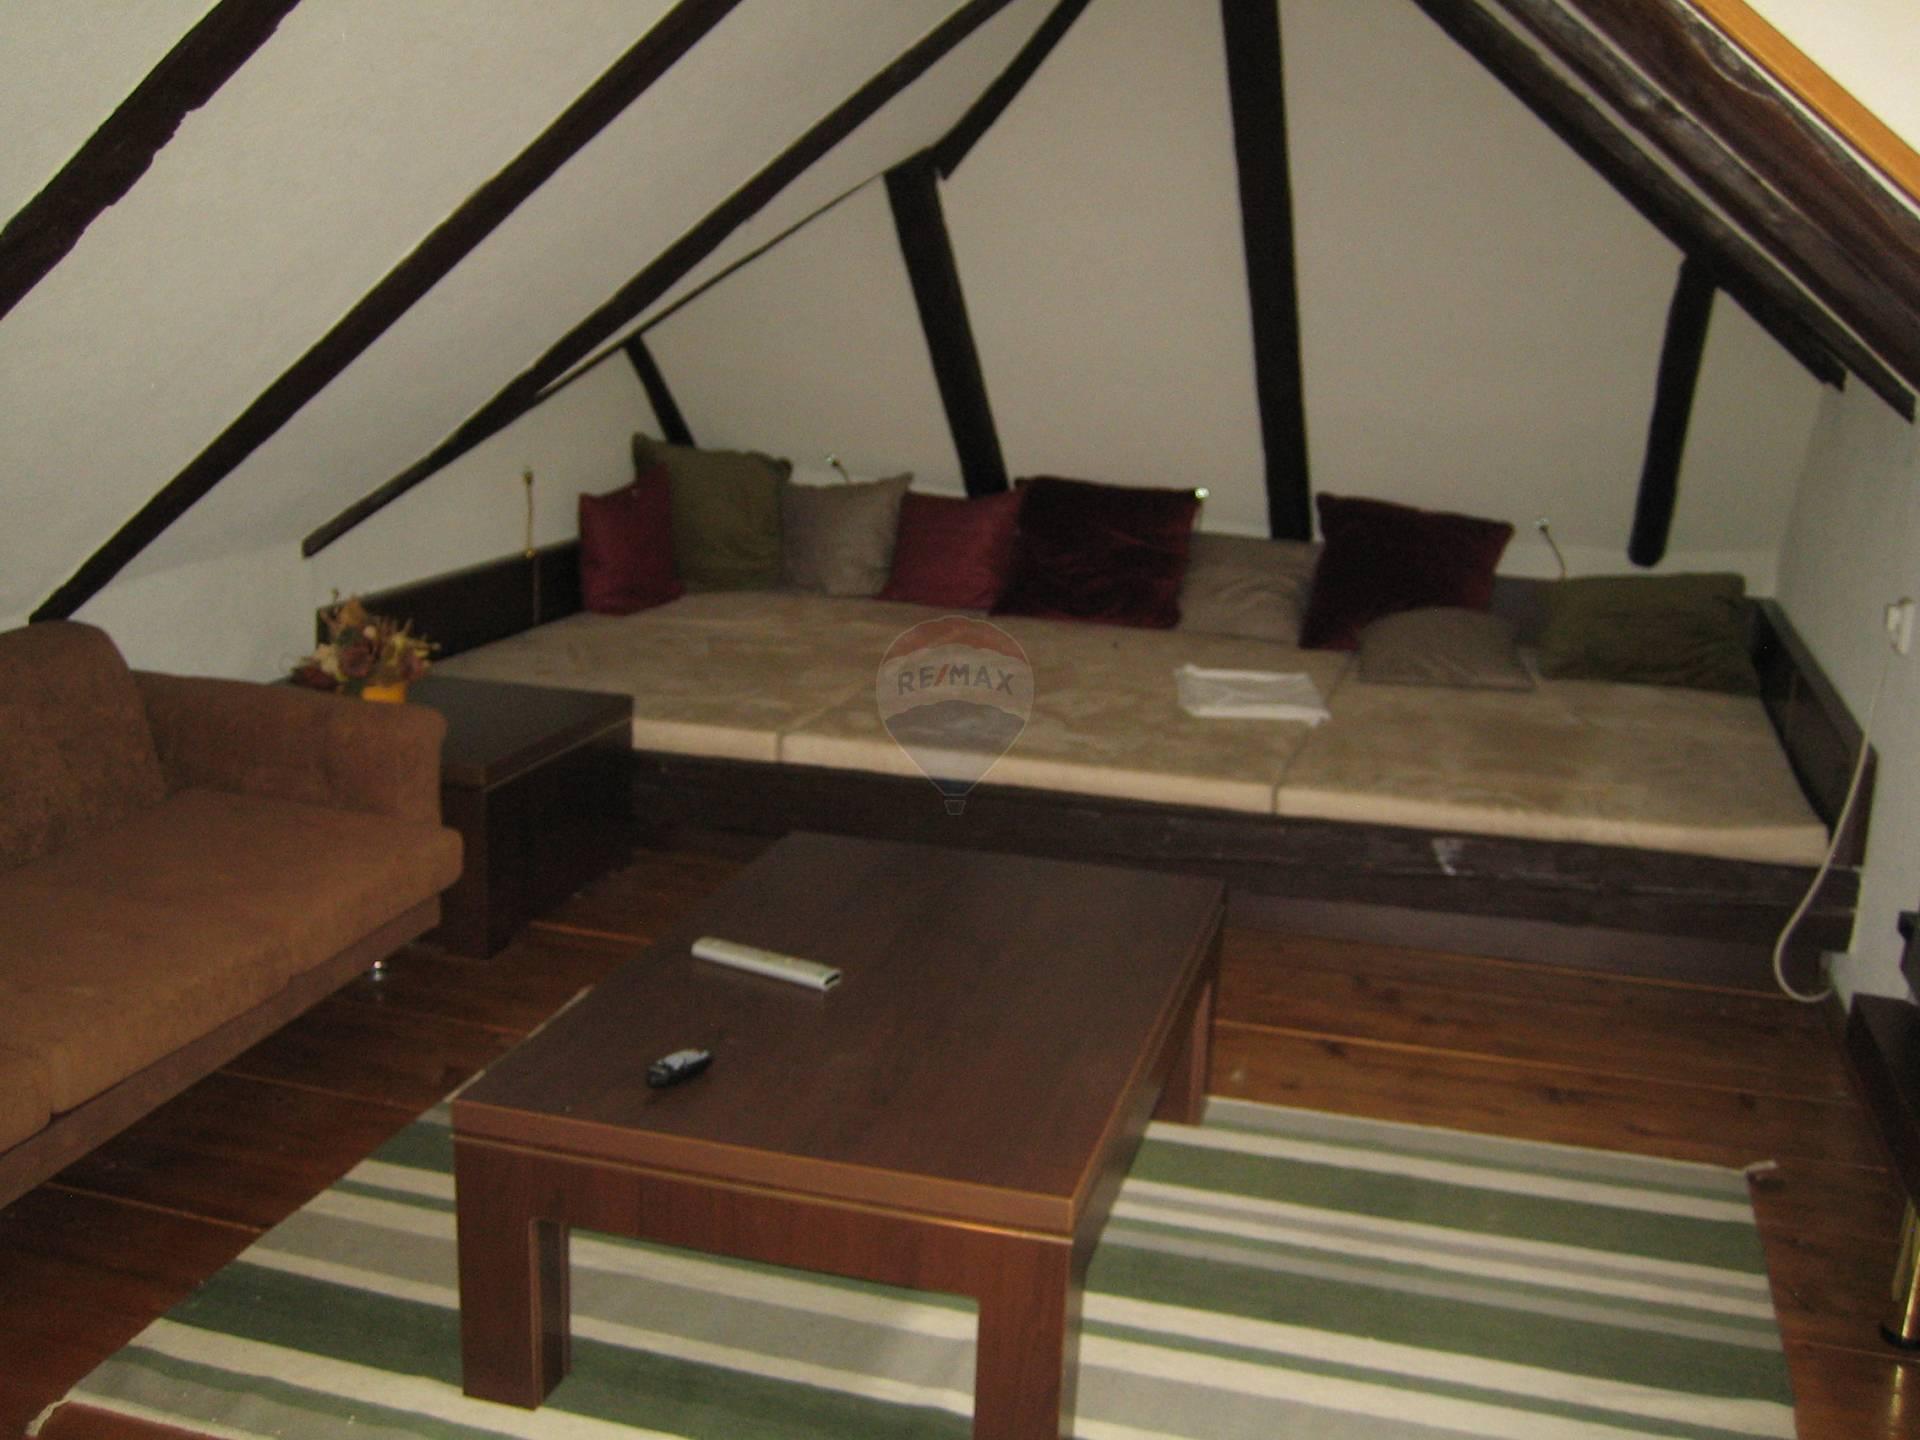 Prenájom bytu (4 izbový) 120 m2, Brestovany - obývací priestor